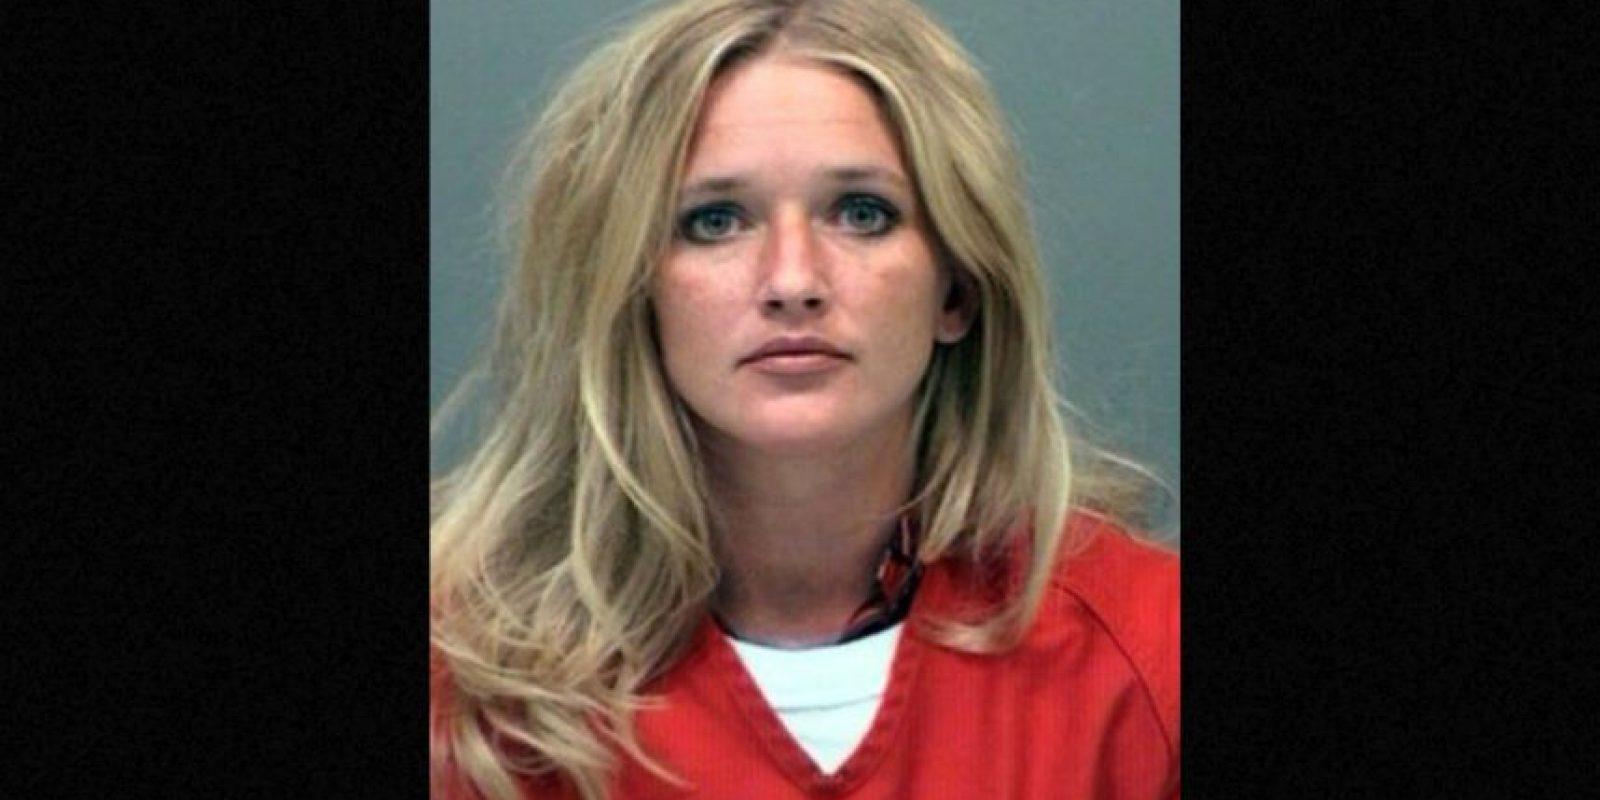 Carrie McCandless fue acusada de tener contacto sexual con una estudiante de 17 años de edad durante un campamento escolar. Foto:Vía Jefferson County Jail